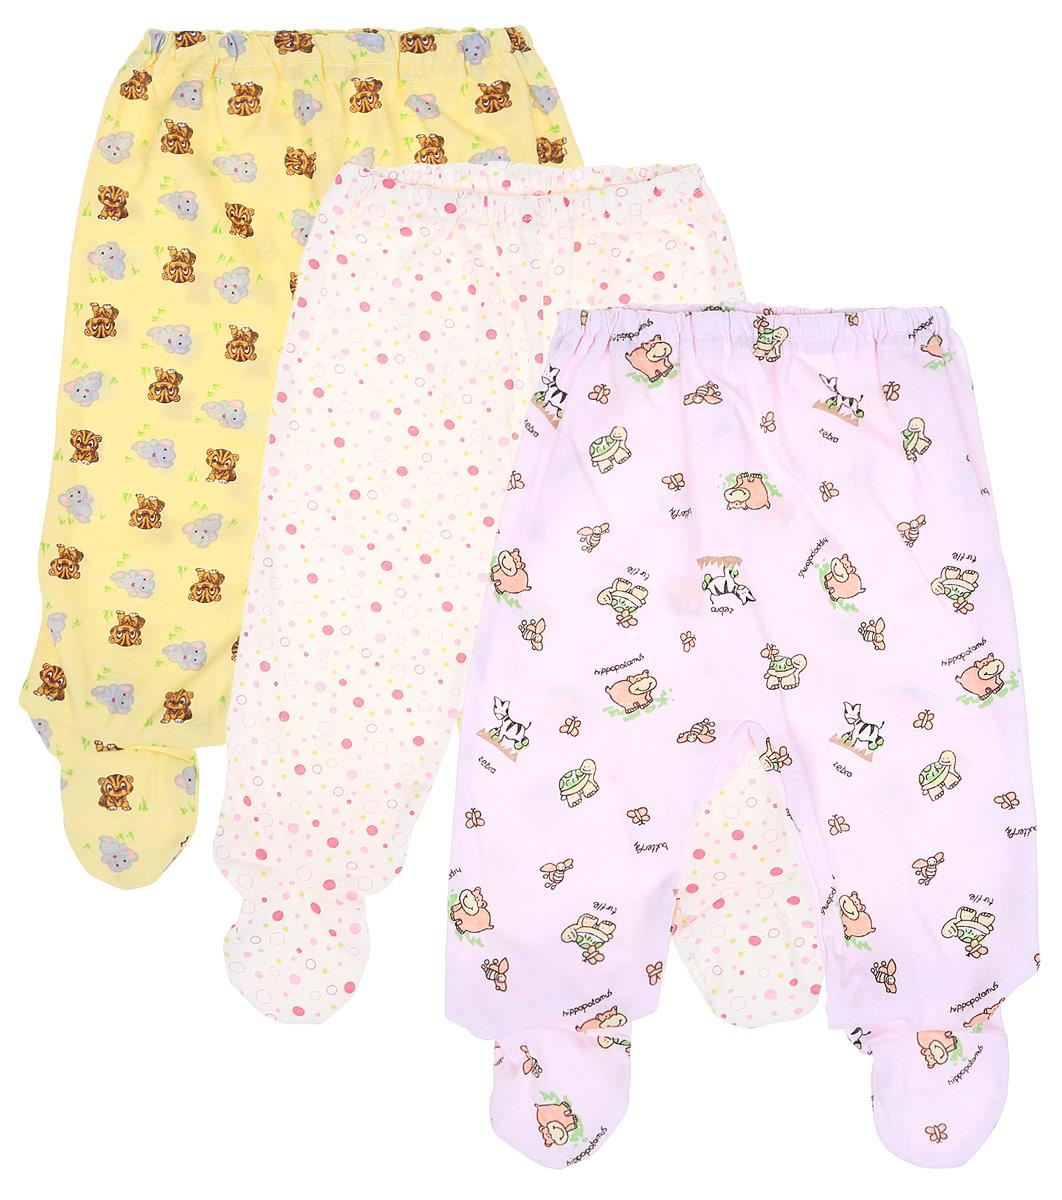 Ползунки для девочки Фреш стайл, цвет: желтый, розовый, белый, 3 шт. 10-506д. Размер 6210-506дКомплект Фреш Стайл состоит из трех ползунков с закрытыми ножками для девочки.Ползунки послужат идеальным дополнением к гардеробу малышки, обеспечивая ей наибольший комфорт. Изготовленные из натурального хлопка, они необычайно мягкие и легкие, не раздражают нежную кожу ребенка и хорошо вентилируются, а эластичные швы приятны телу малыша и не препятствуют его движениям. Ползунки дополнены мягкой резинкой, не сдавливающей животик ребенка. Украшены ползунки яркими оригинальными рисунками. Оригинальный дизайн и яркая расцветка делают эти ползунки модным и стильным предметом детского гардероба. В них вашей малышке всегда будет комфортно и уютно. УВАЖАЕМЫЕ КЛИЕНТЫ!Обращаем ваше внимание на тот факт, что товар поставляется в цветовом ассортименте. Поставка осуществляется в зависимости от наличия на складе.